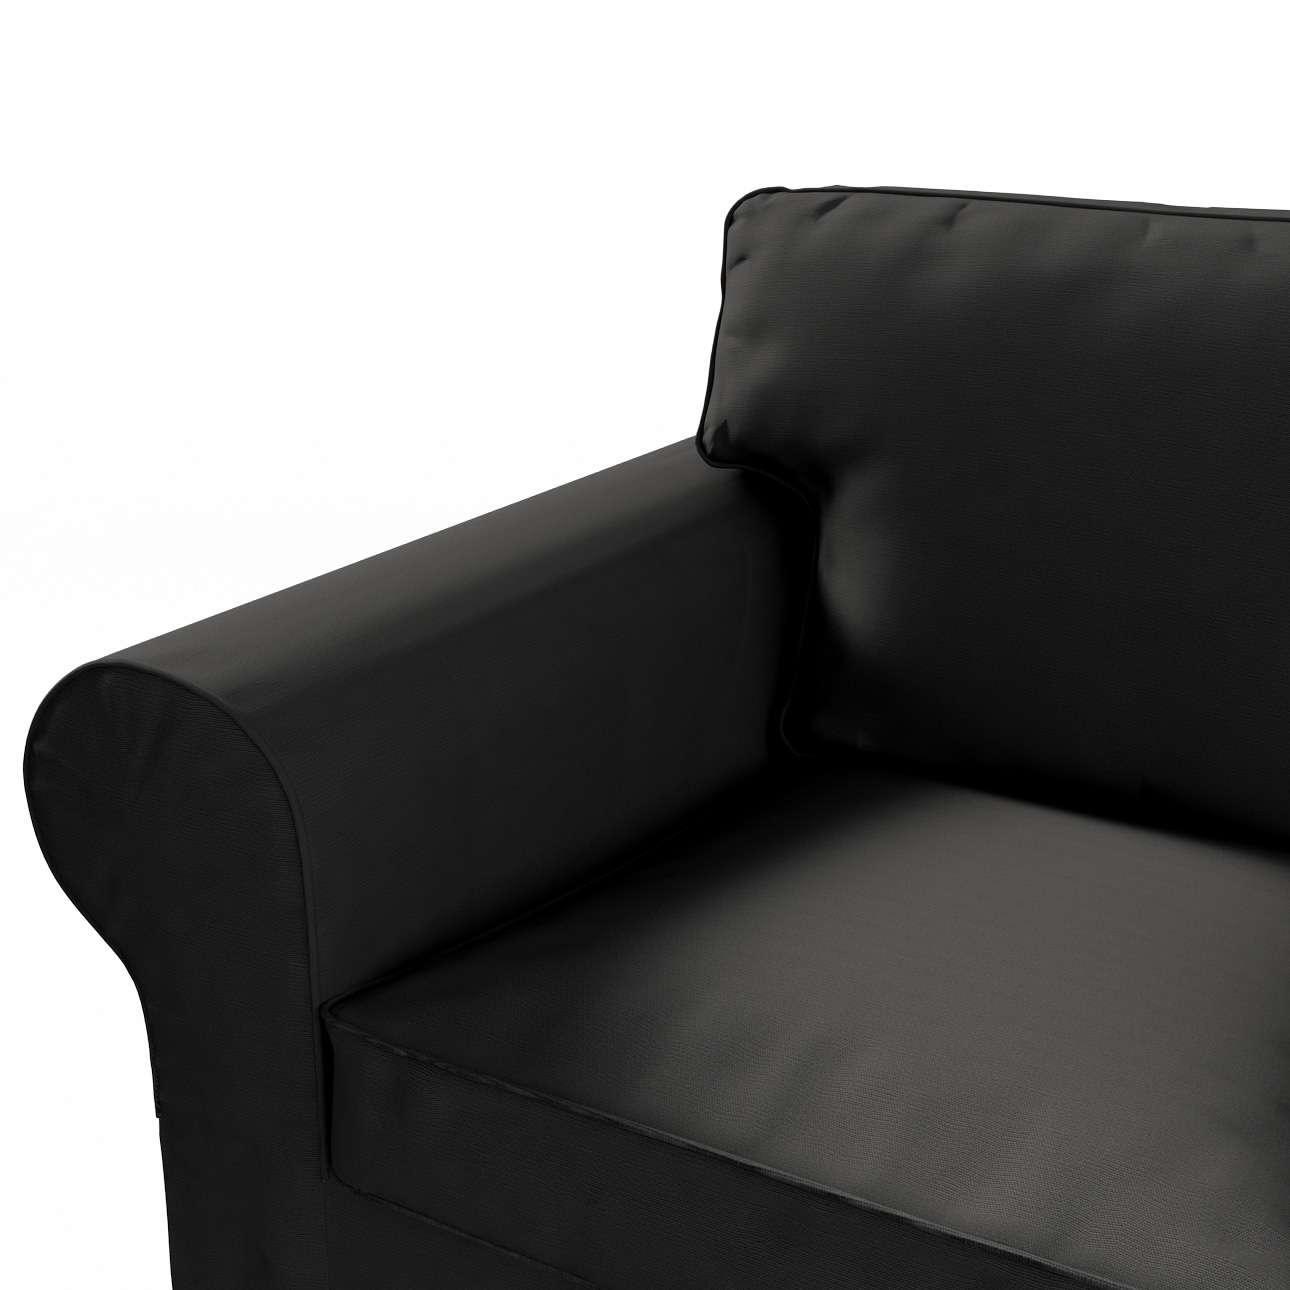 Ektorp trivietės sofos užvalkalas Ektorp trivietės sofos užvalkalas kolekcijoje Cotton Panama, audinys: 702-08